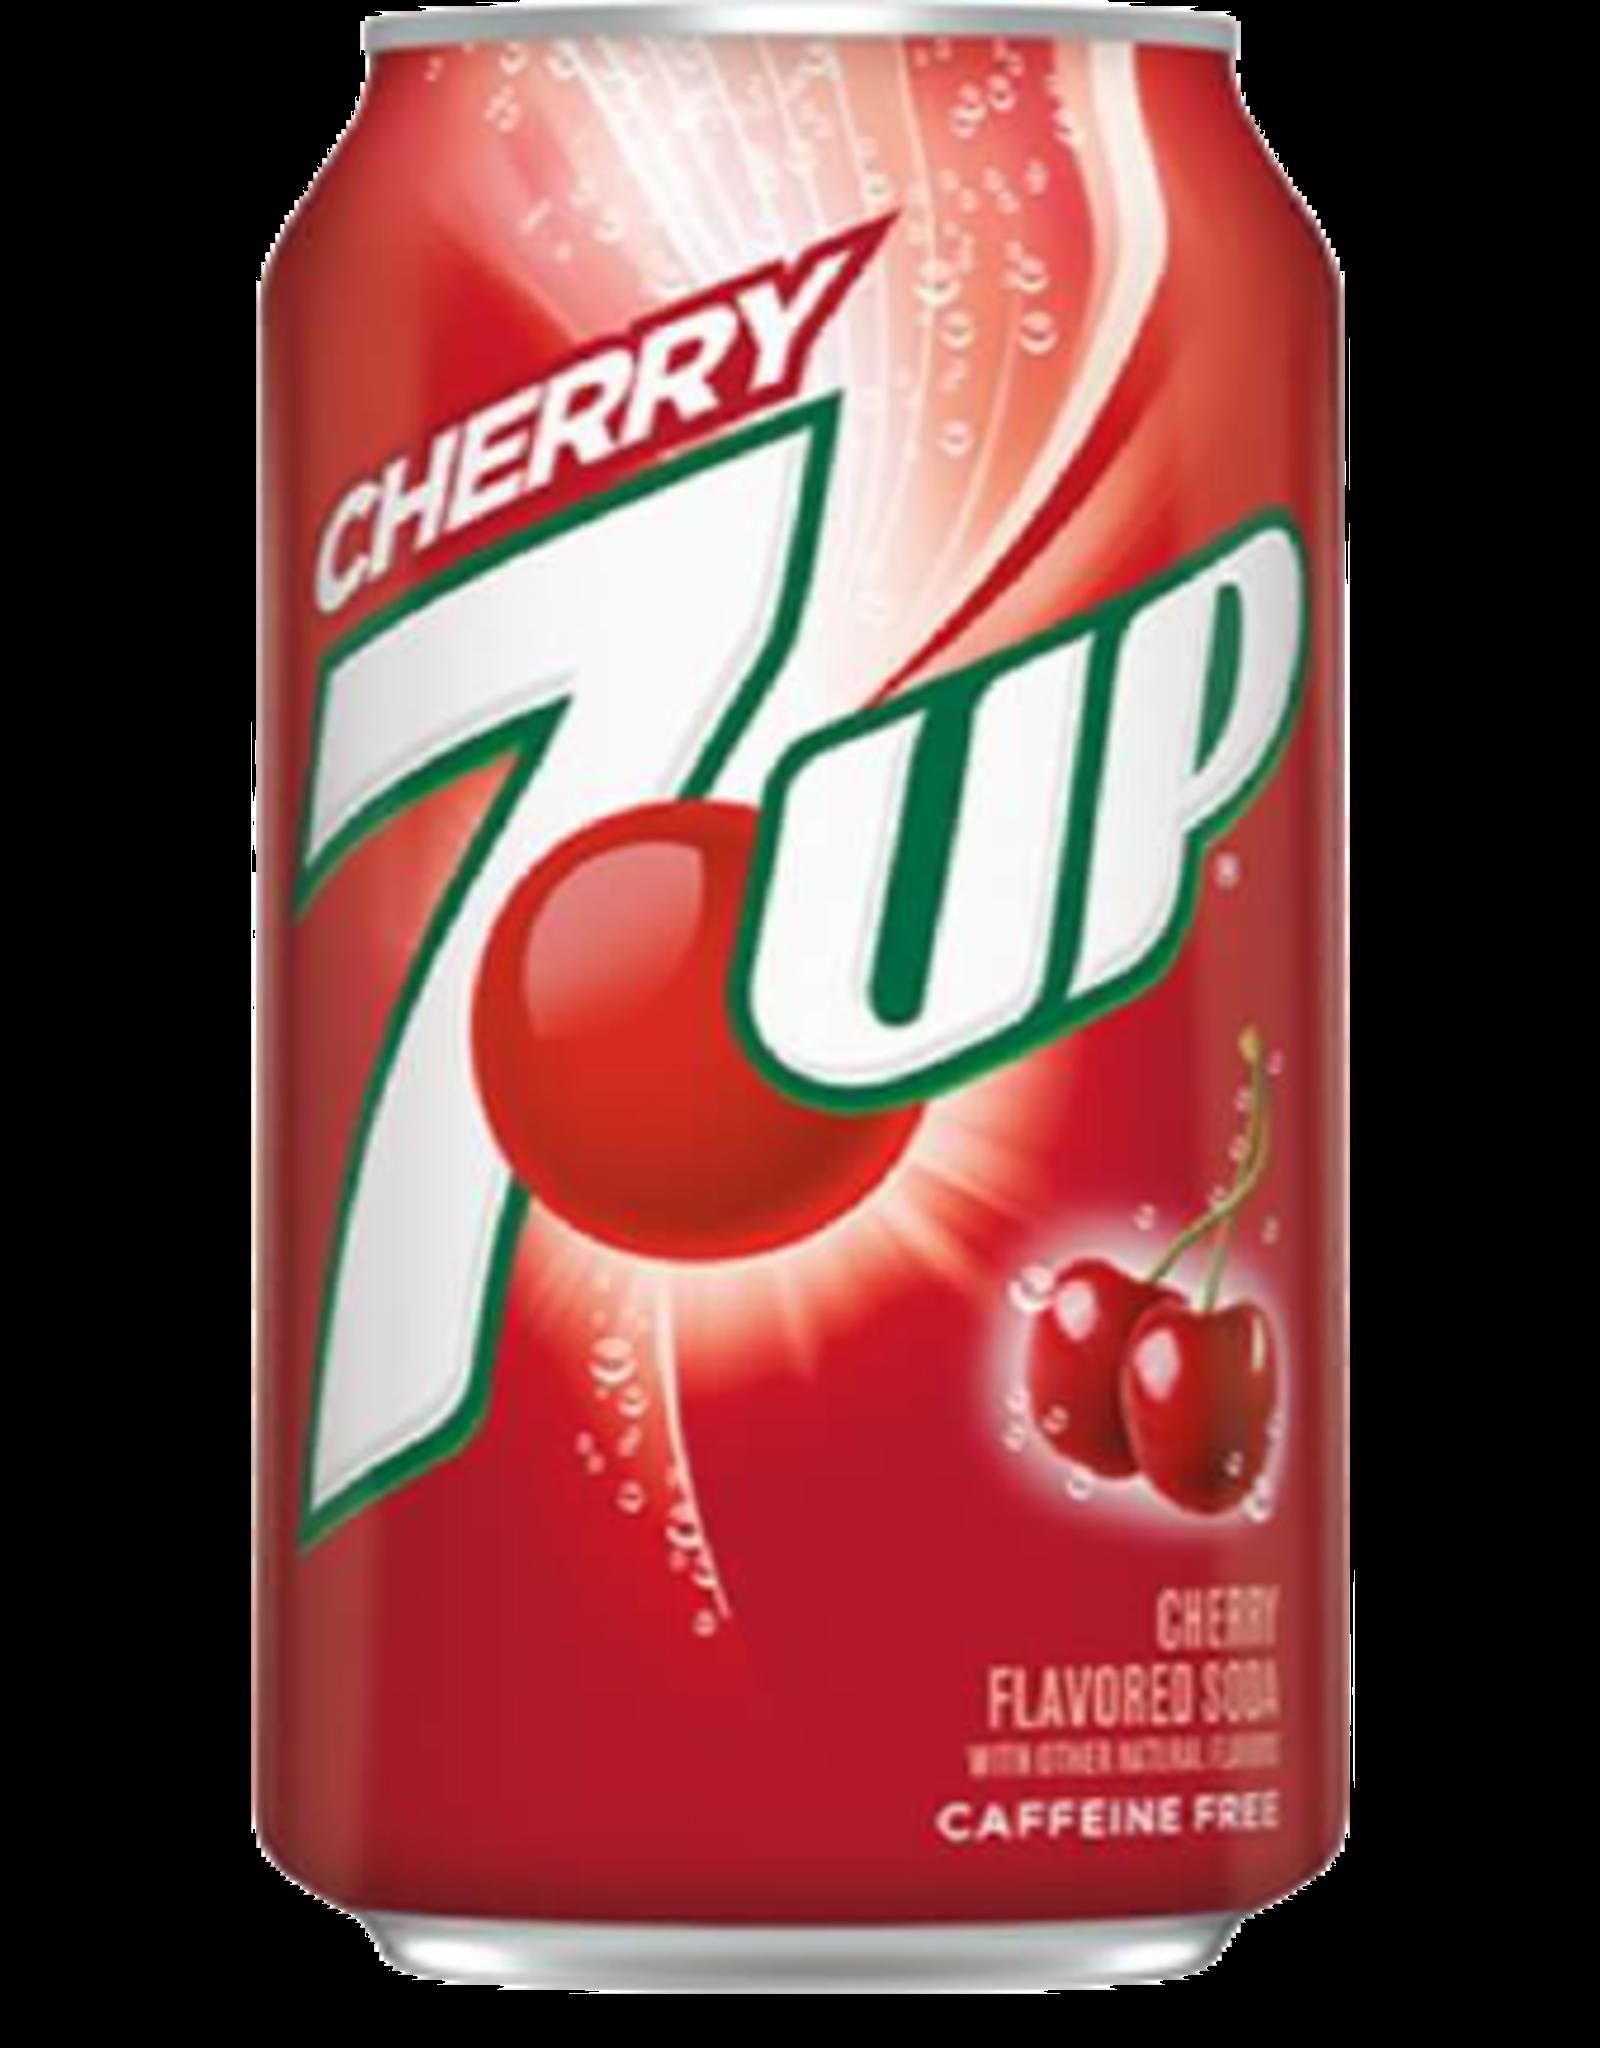 7up Cherry!